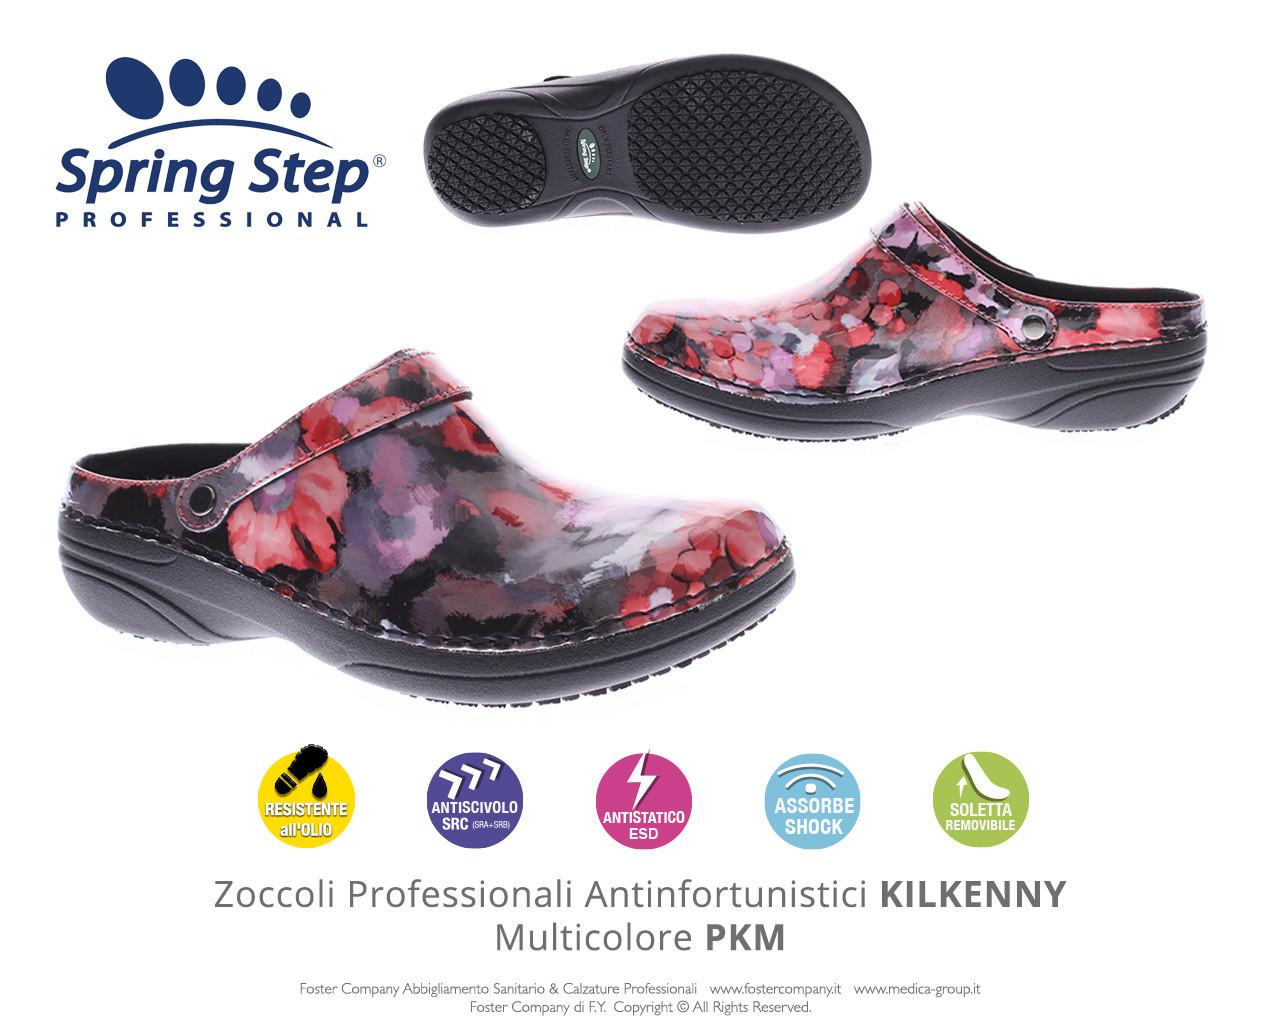 Zoccoli Professionali Spring Step KILKENNY Multicolore PKM